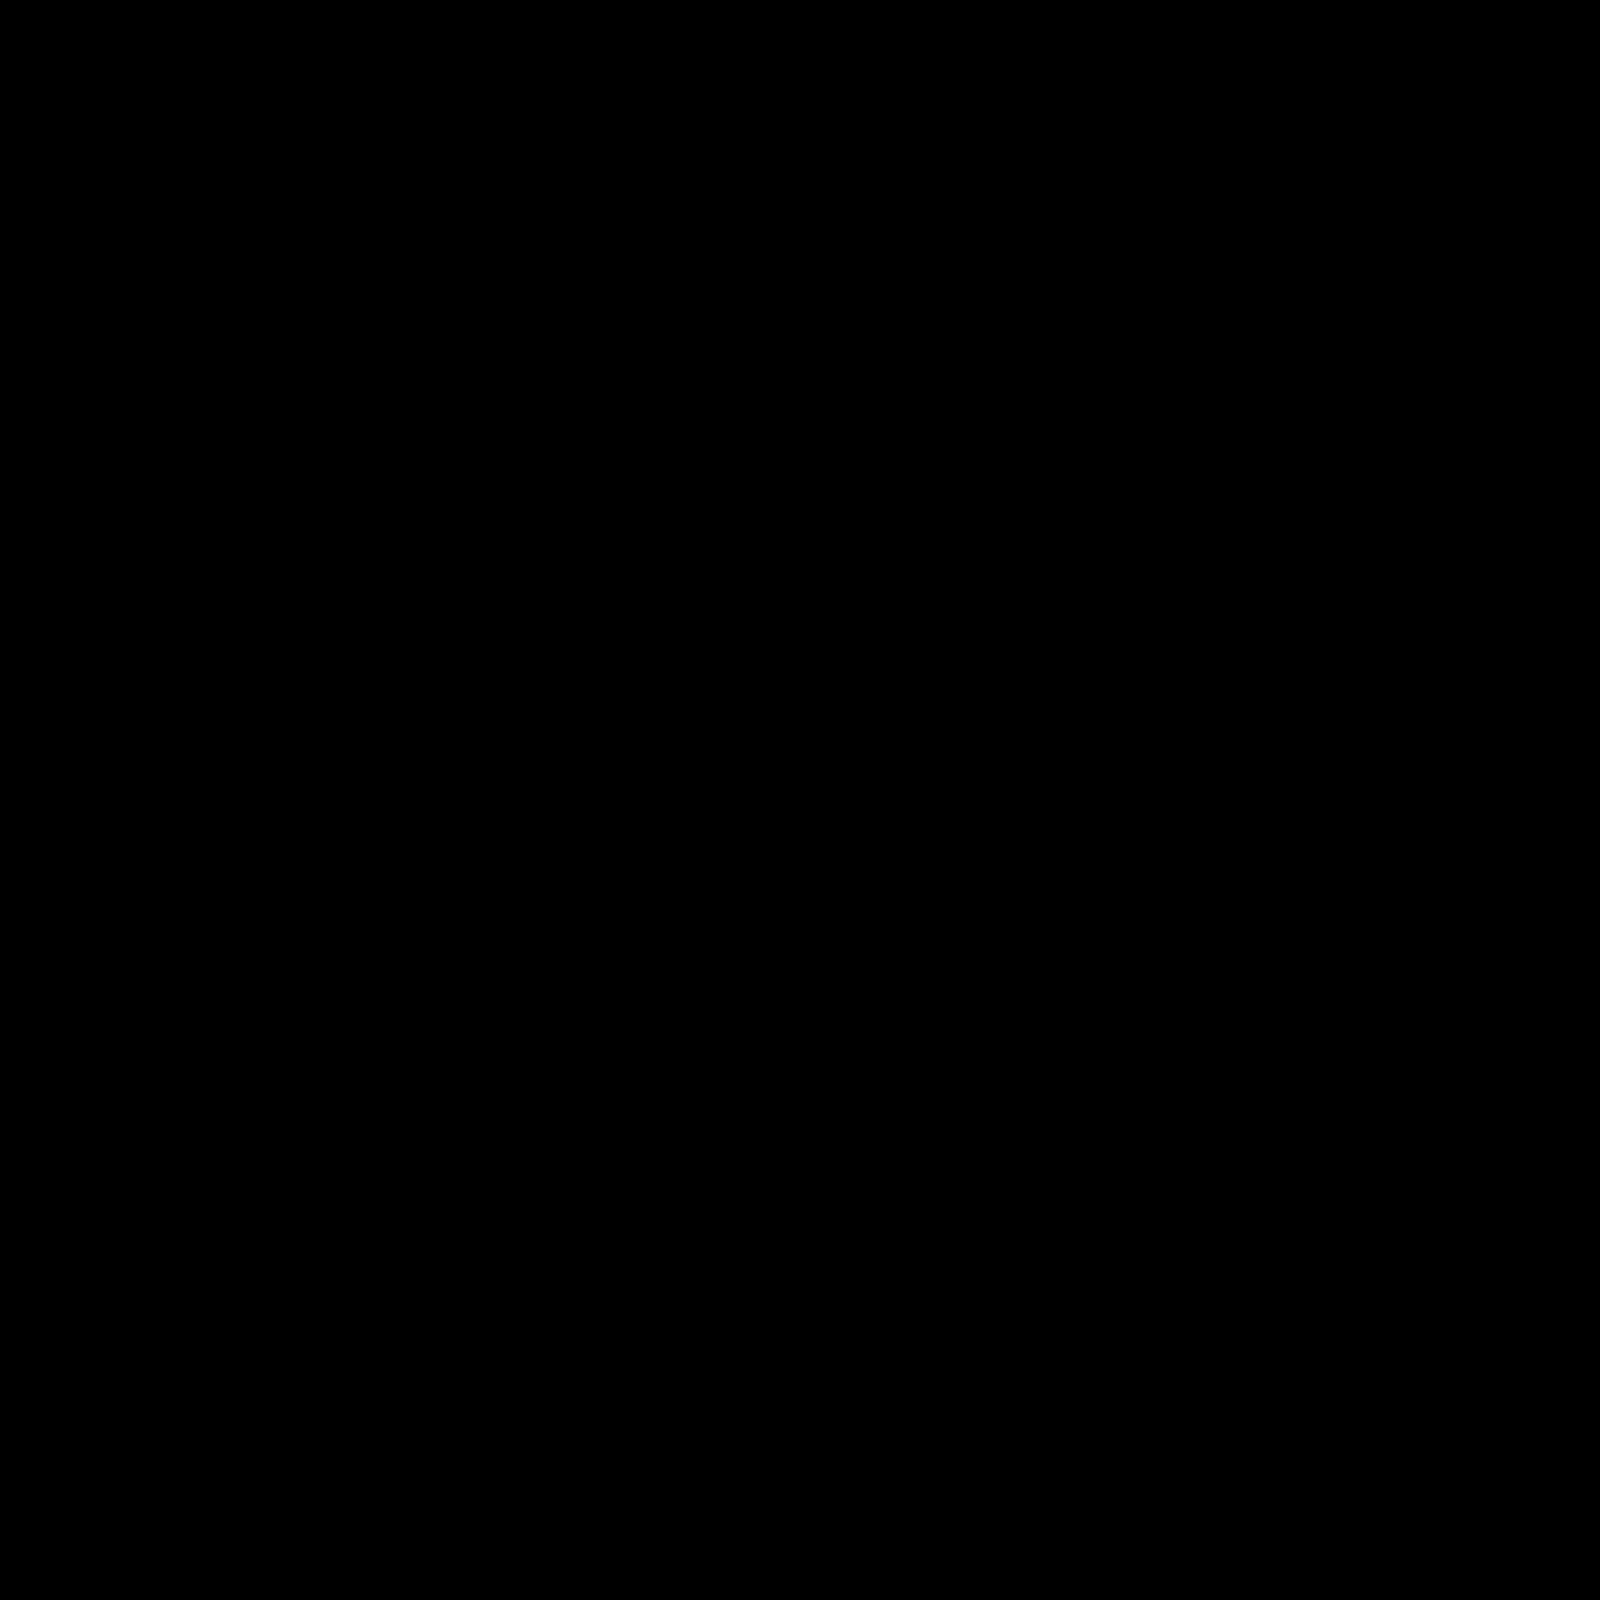 Марс icon